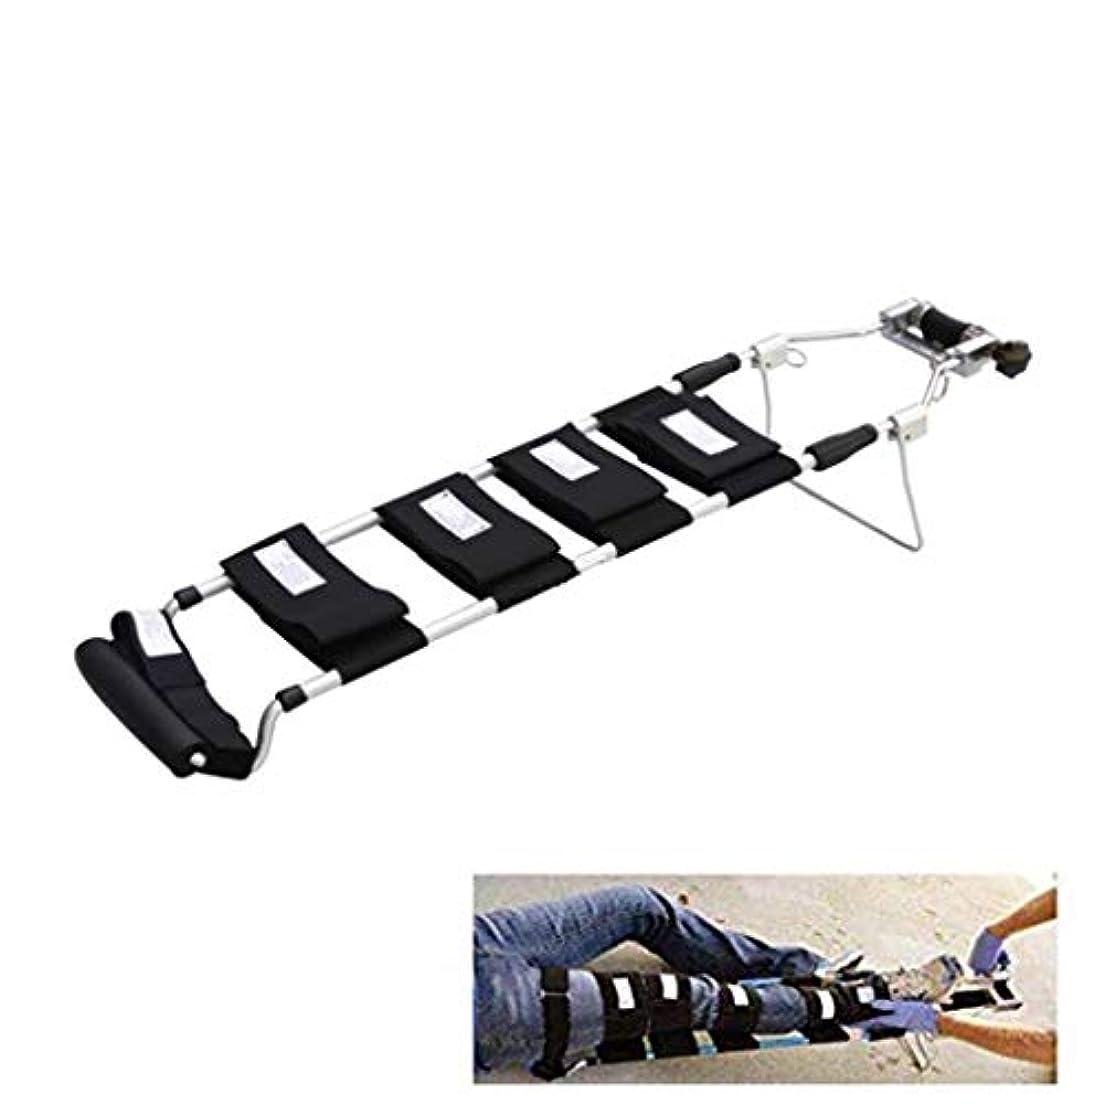 注入孤独なできれば脚牽引装置整形外科、牽引副木、調整可能な足首ストラップ伸縮設計、脚緊急レトラクタ付き (Color : Children)